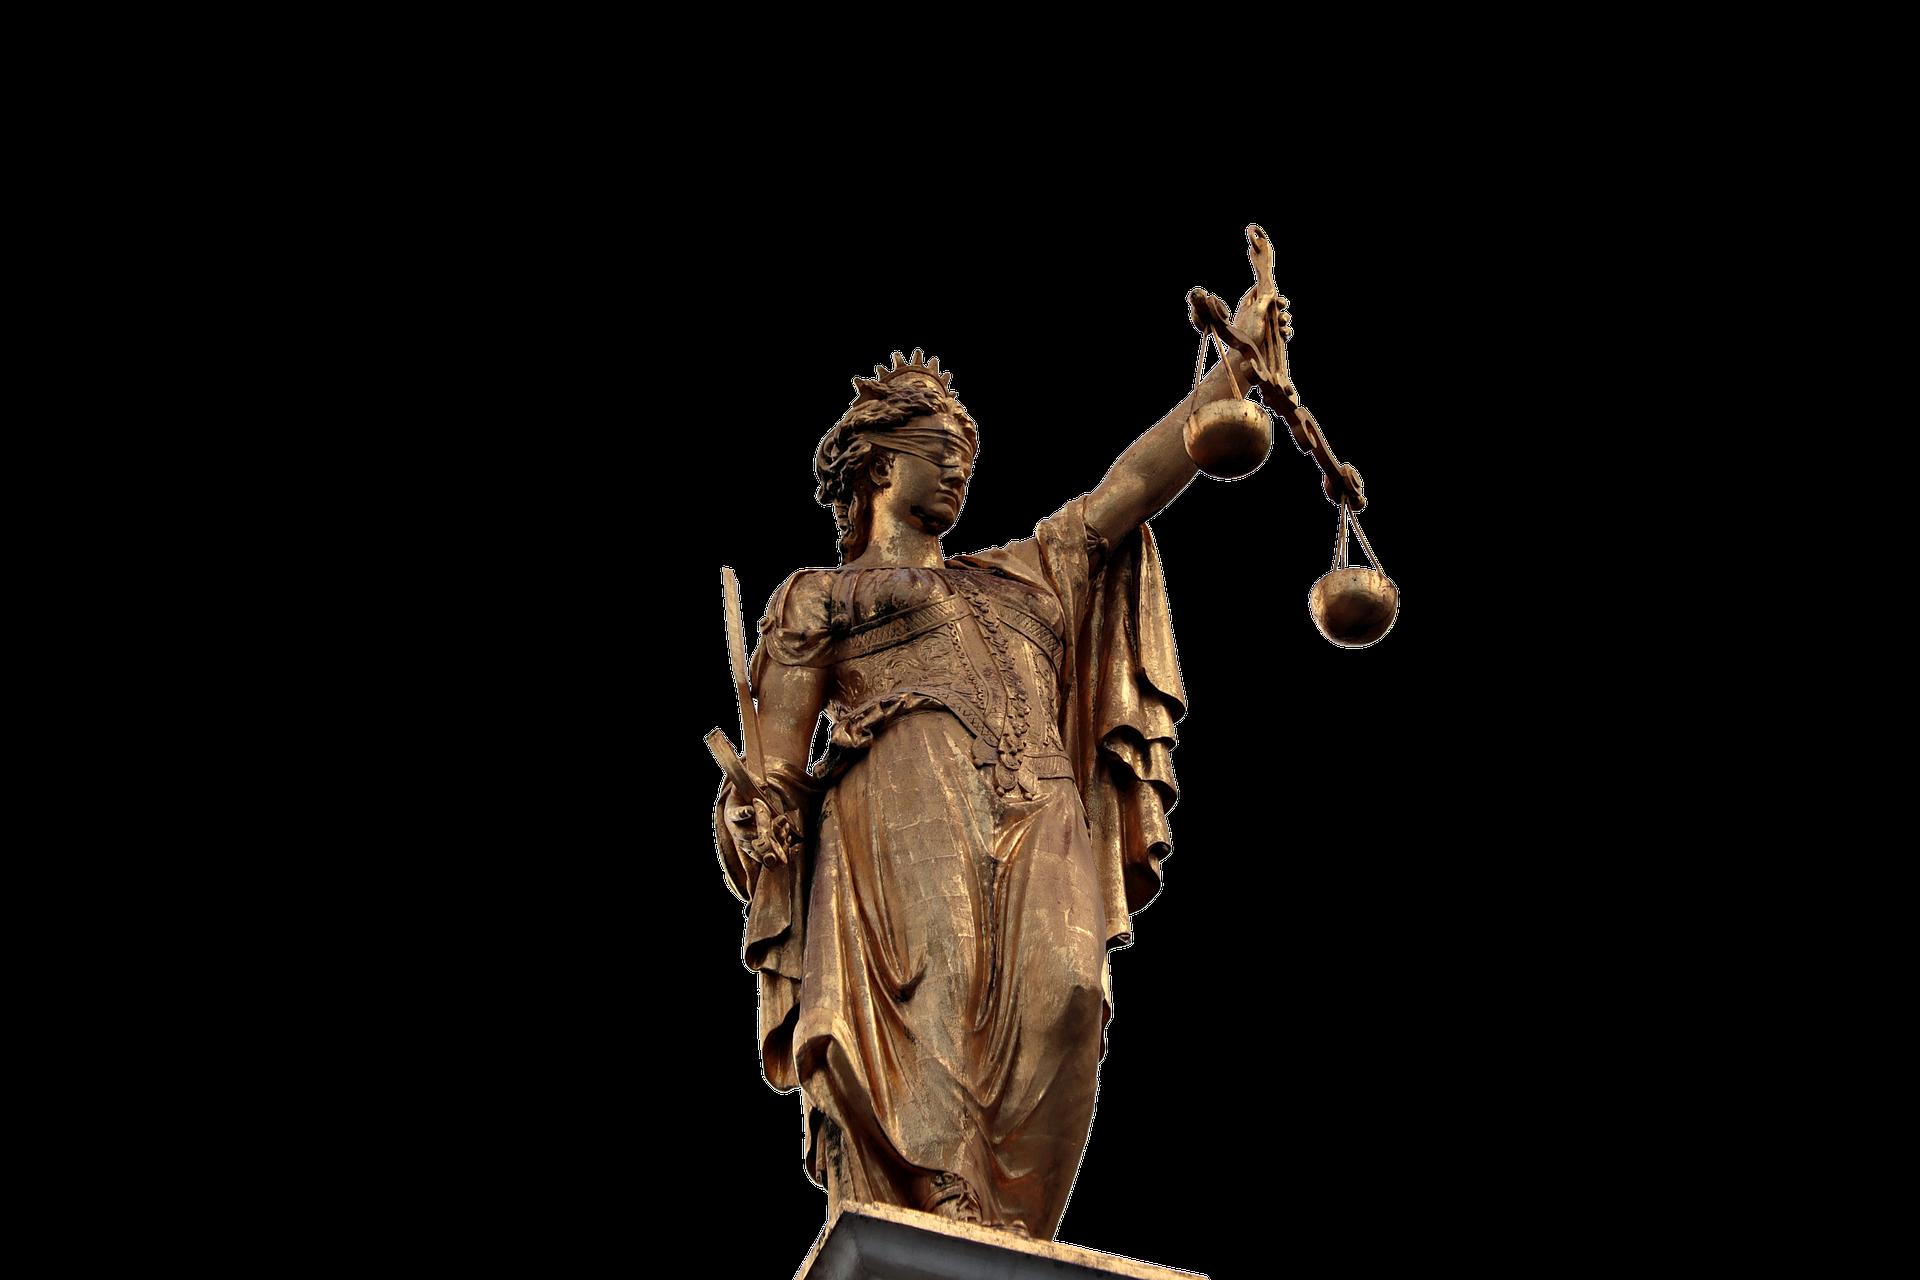 Idag träder lagen om hemlig dataavläsning i kraft